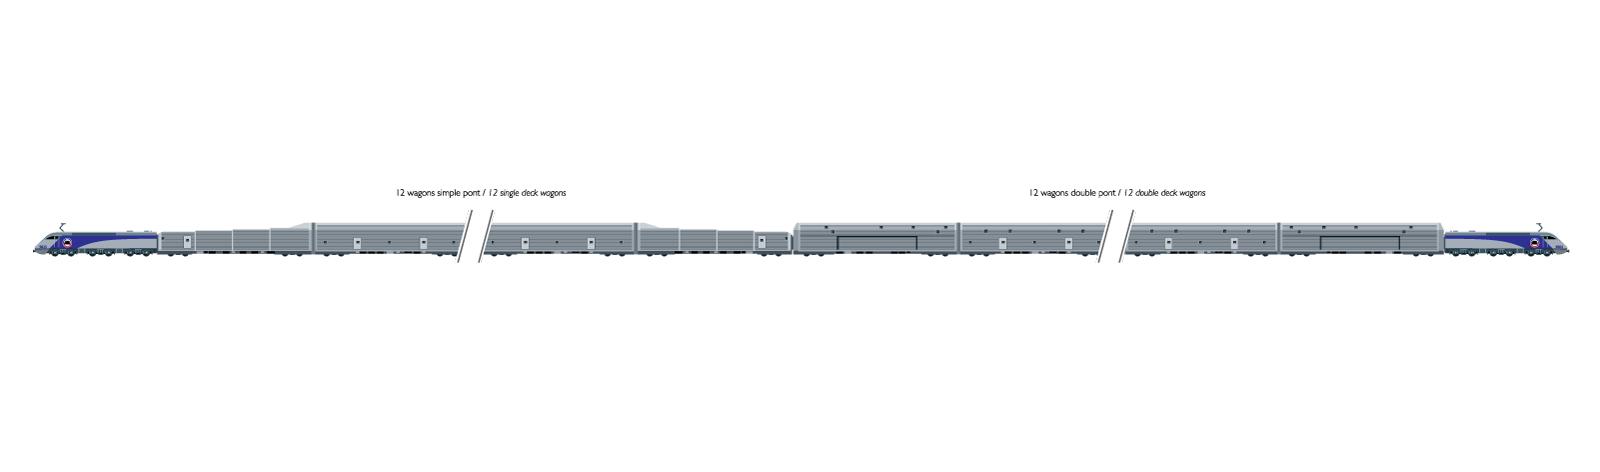 Eurotunnel - The Passenger Shuttles schema